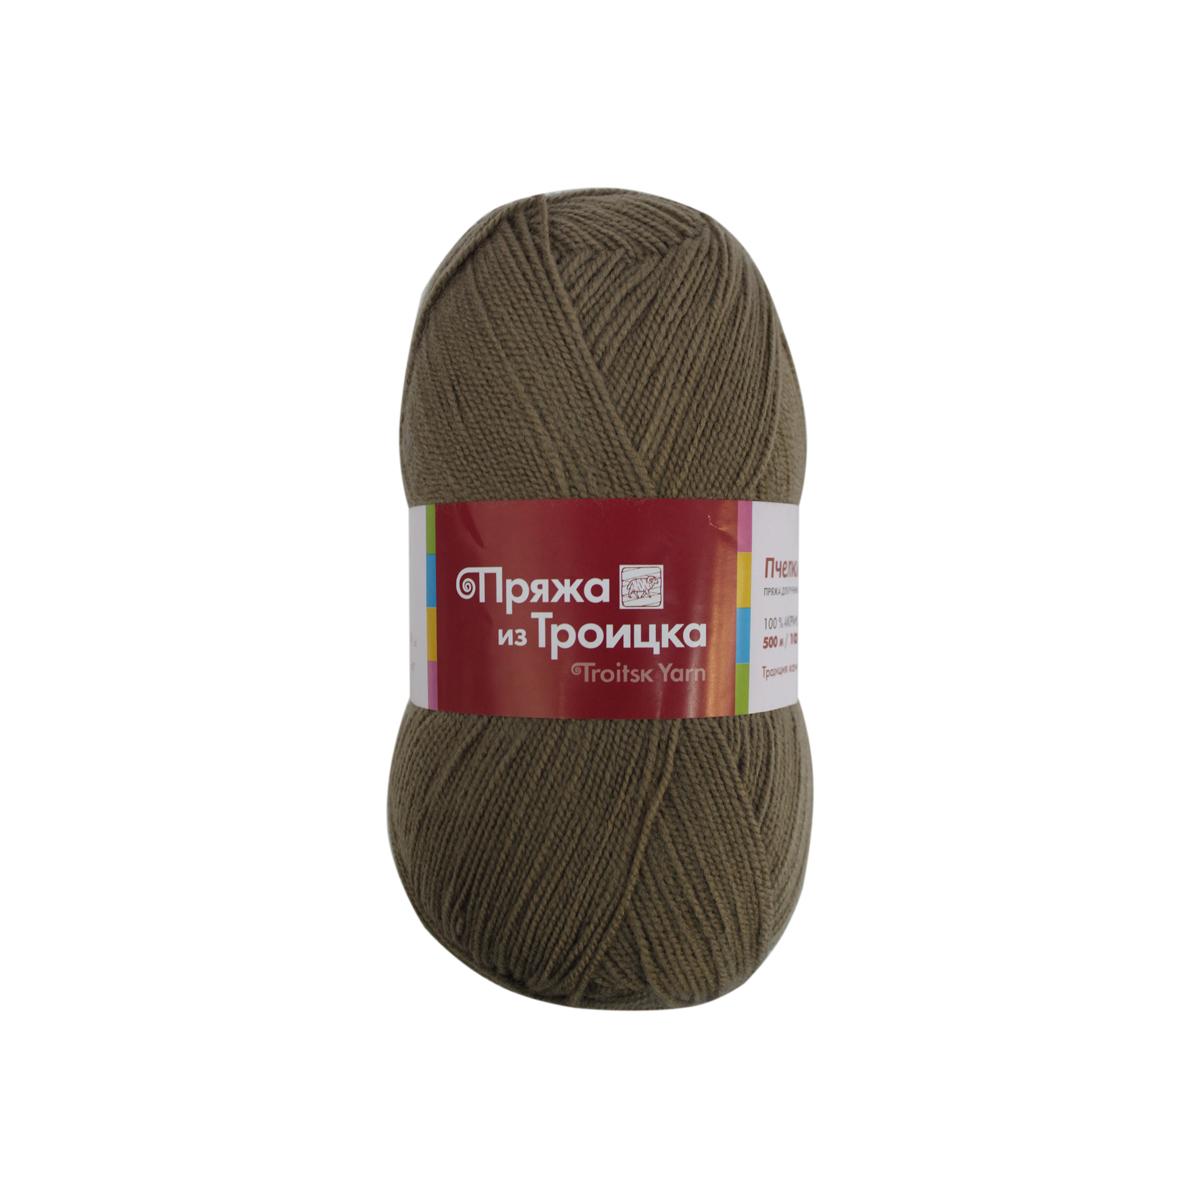 Пряжа для вязания Пчелка, 100 г, 500 м, цвет: 1637 верба, 10 шт366098_1637